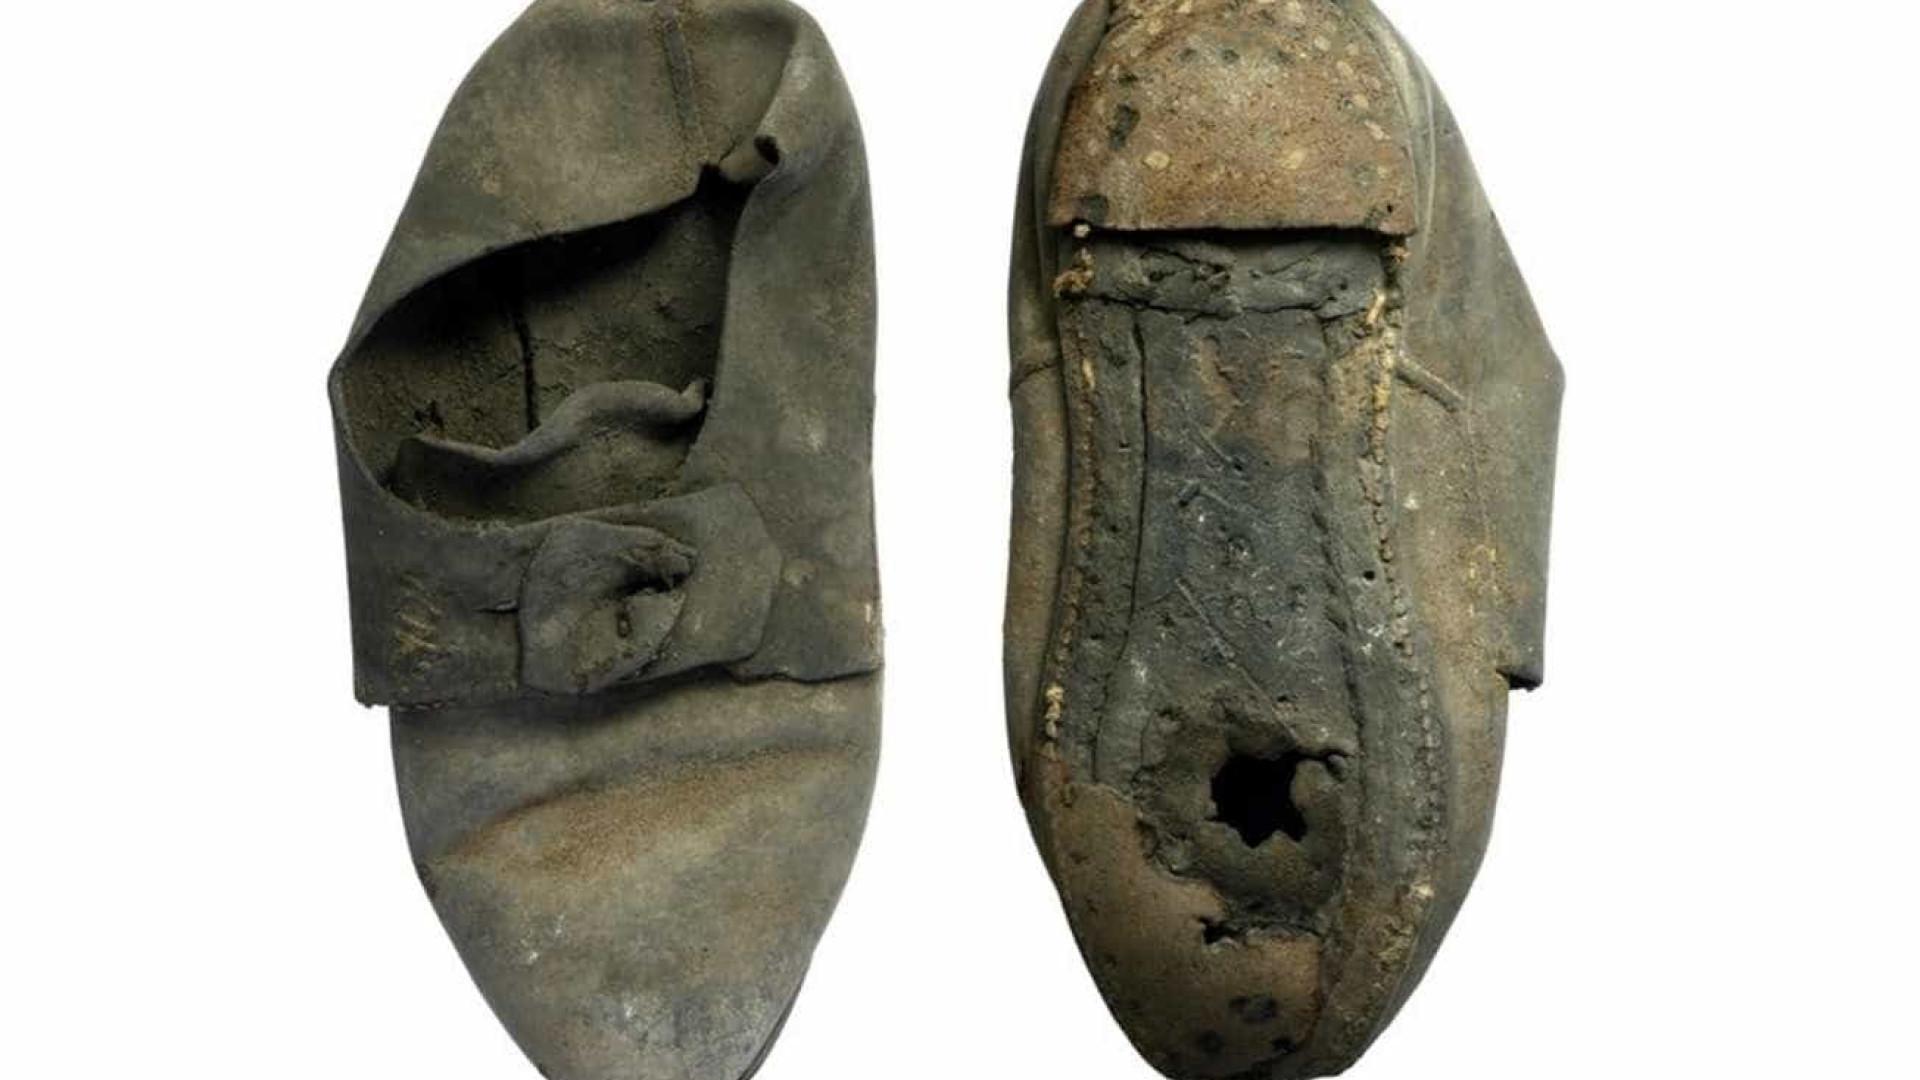 Sapato 'anti-demônios' é encontrado em parede de universidade